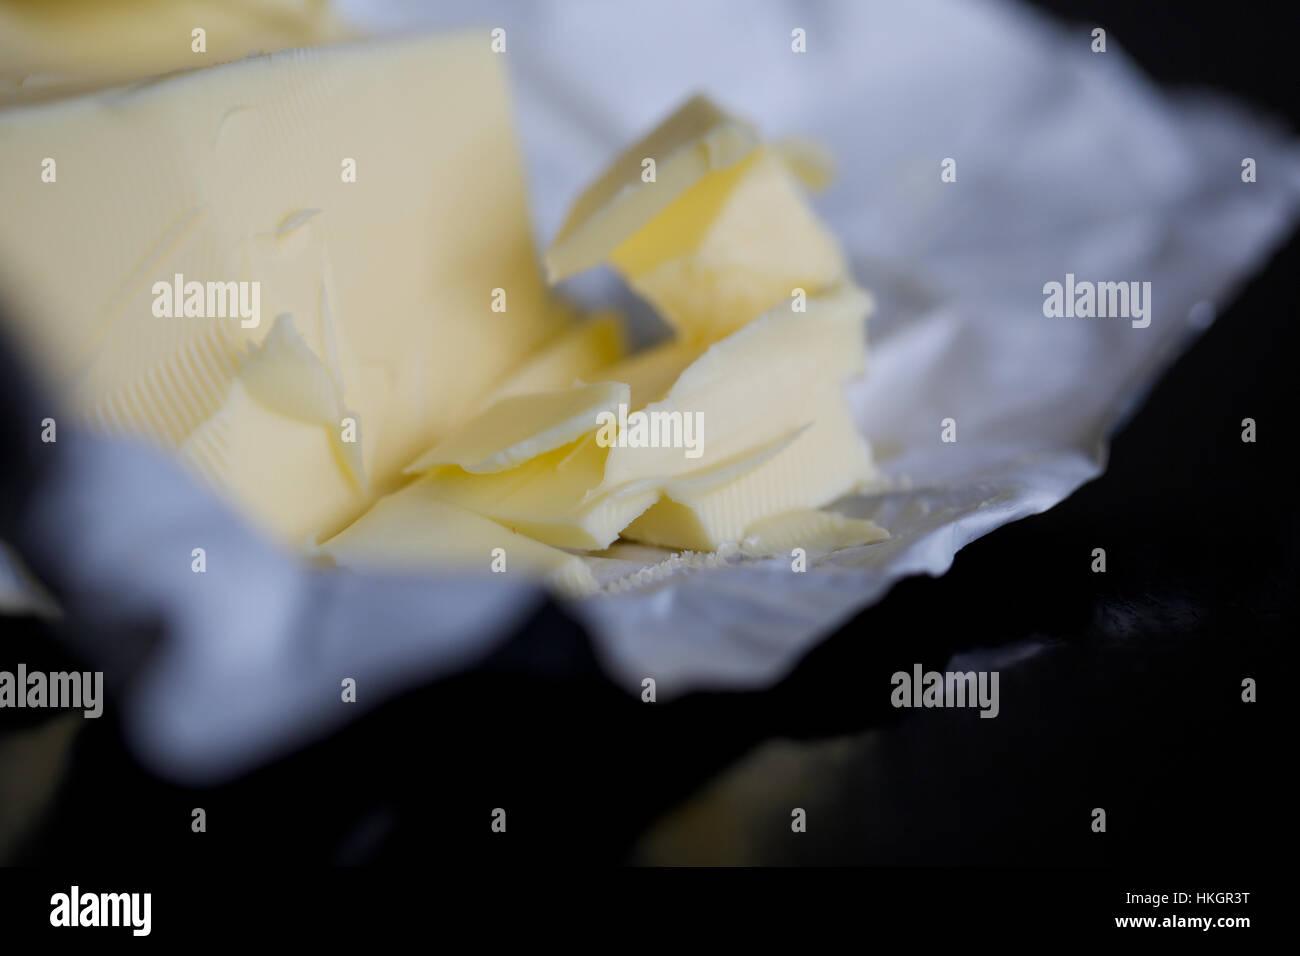 Mantequilla sobre papel de embalaje, productos lácteos, grasas, los alimentos frescos. Imagen De Stock